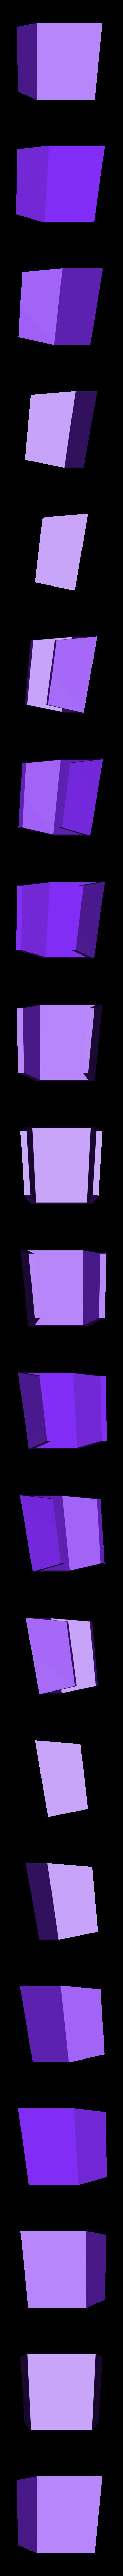 canopy v2 window pt1.stl Download free STL file TRANSFORMERS G1 ROTORSTORM ARTICULATION UPGRADE KIT • 3D printable design, sickofyou